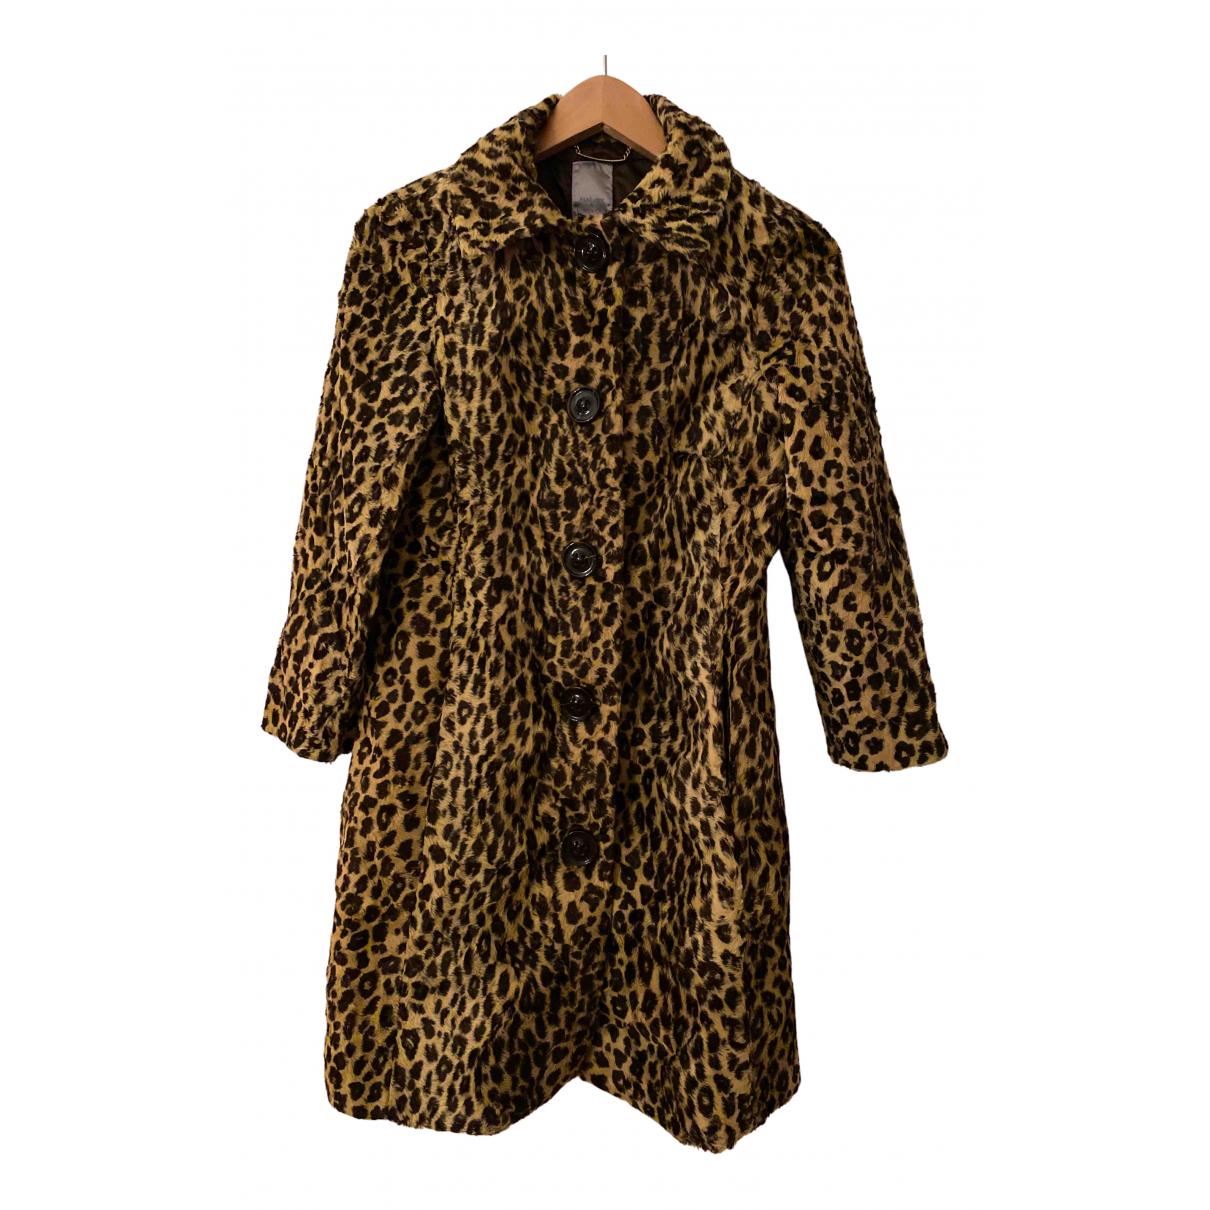 Mango - Manteau   pour femme en fourrure synthetique - camel